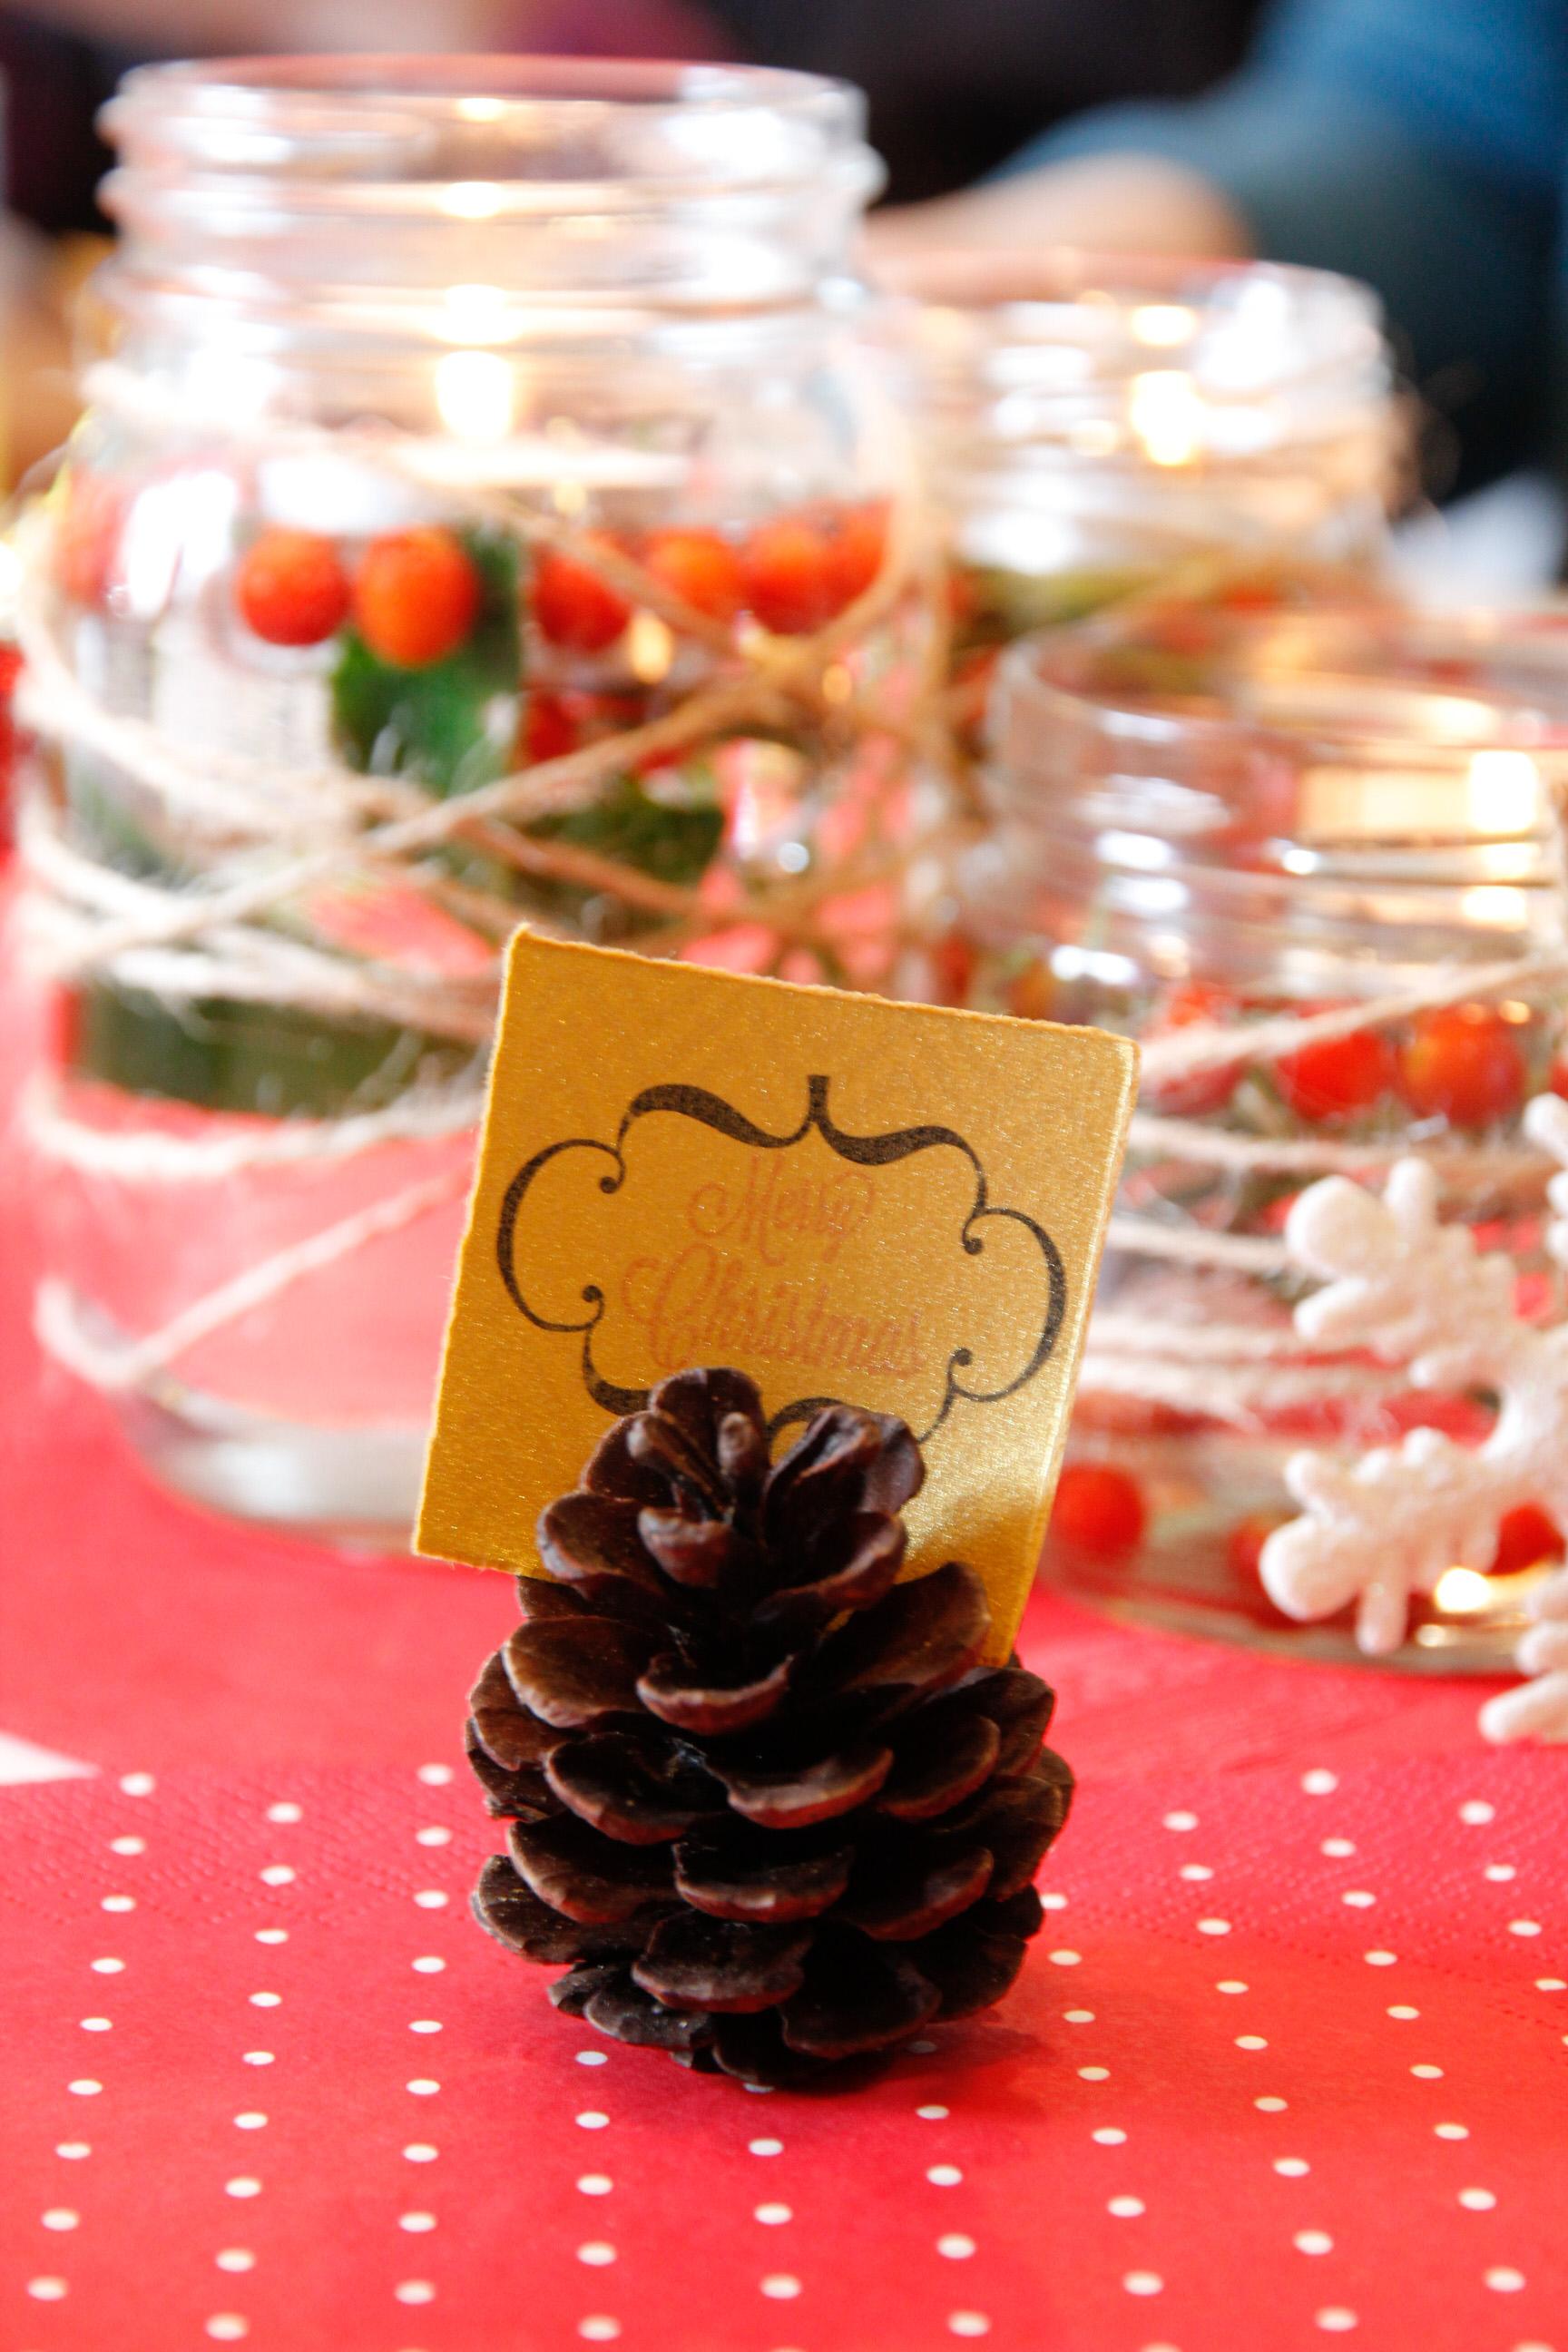 どんなクリスマスのメッセージかしら Christmas message on a pinecone